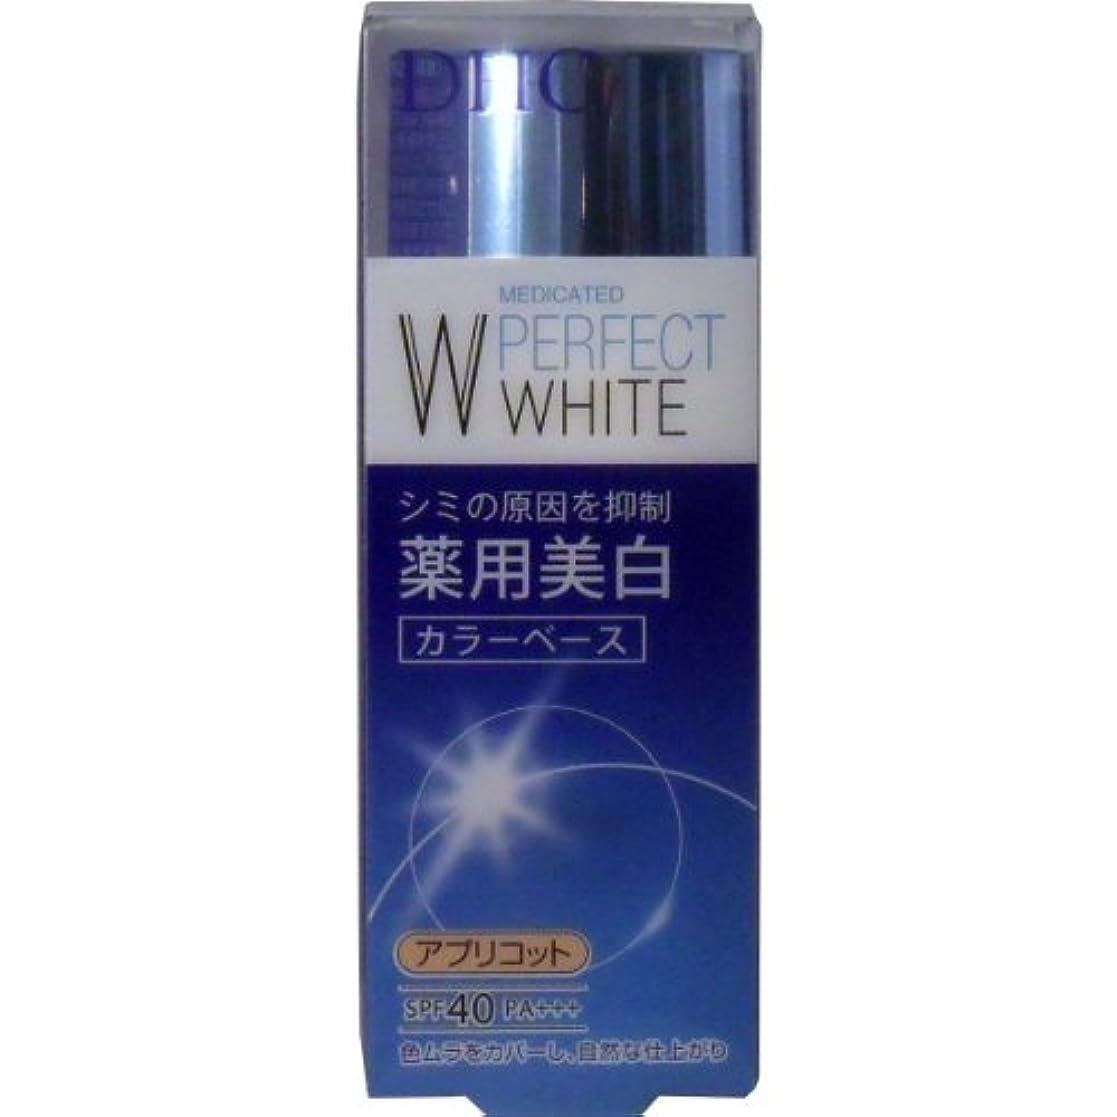 手綱辛なばかげているDHC 薬用美白パーフェクトホワイト カラーベース アプリコット 30g (商品内訳:単品1個)